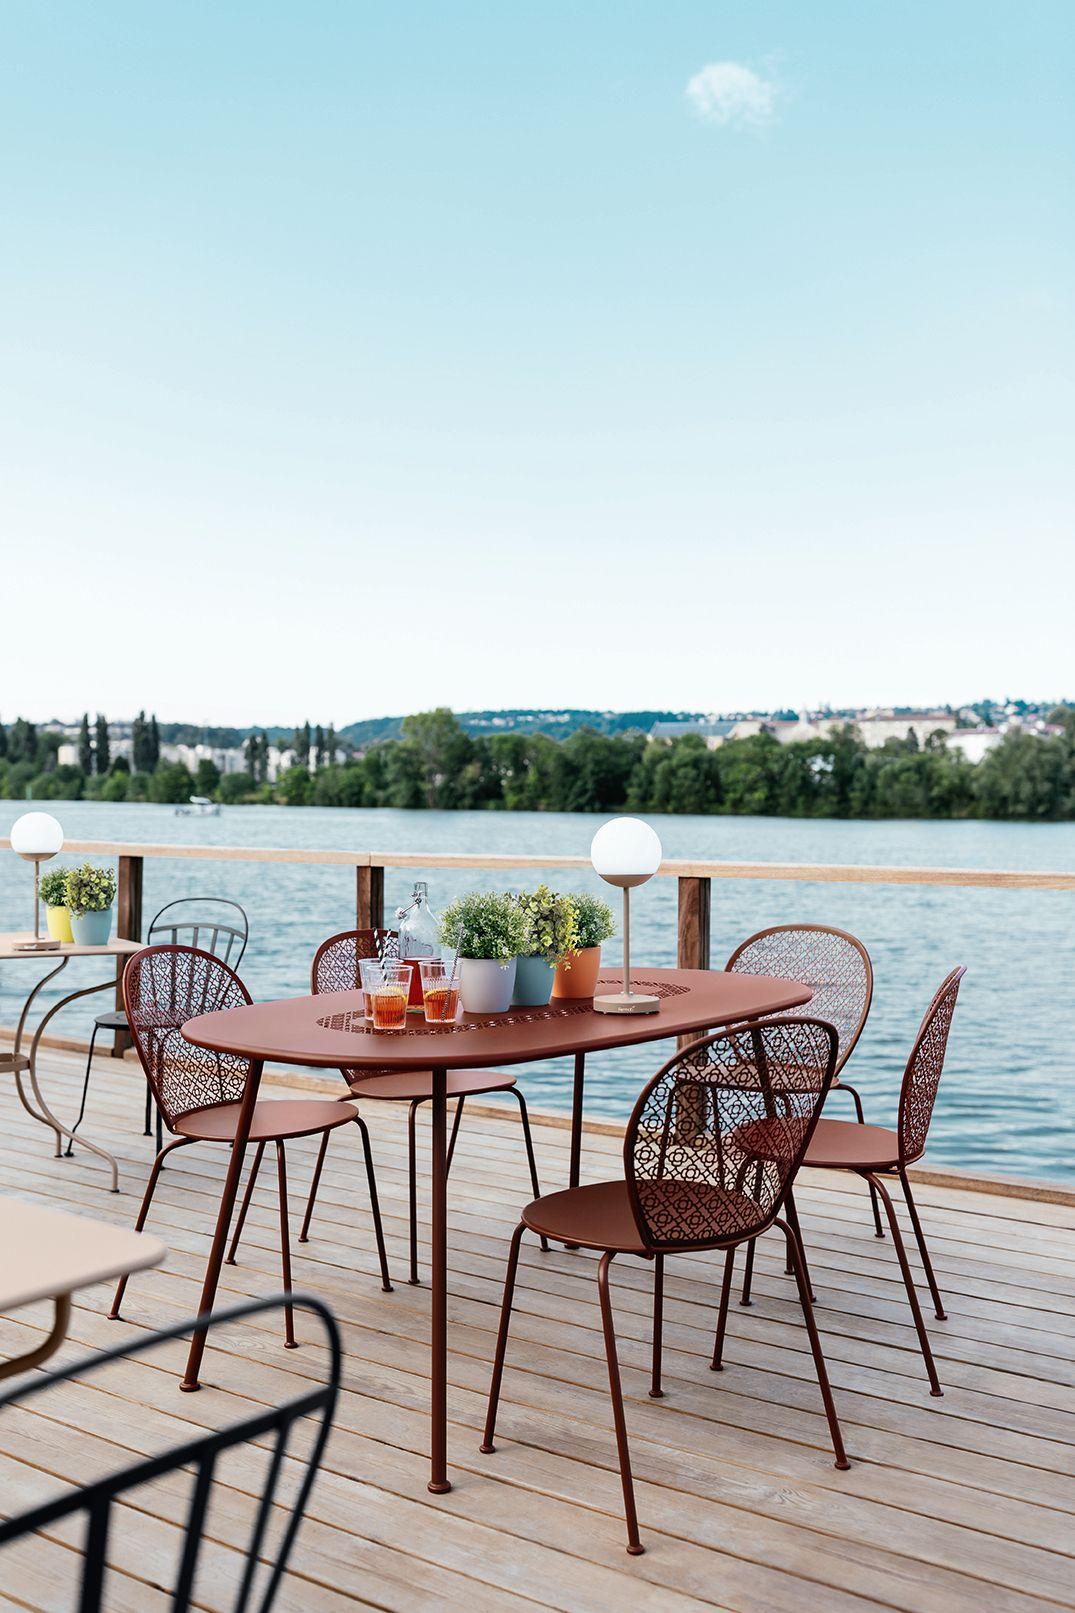 Mobilier Fermob Terrasse Restaurant Lorette Nouveaute 2019 Contractunit Mooon Mobilier Jardin Meuble Jardin Design Exterieur